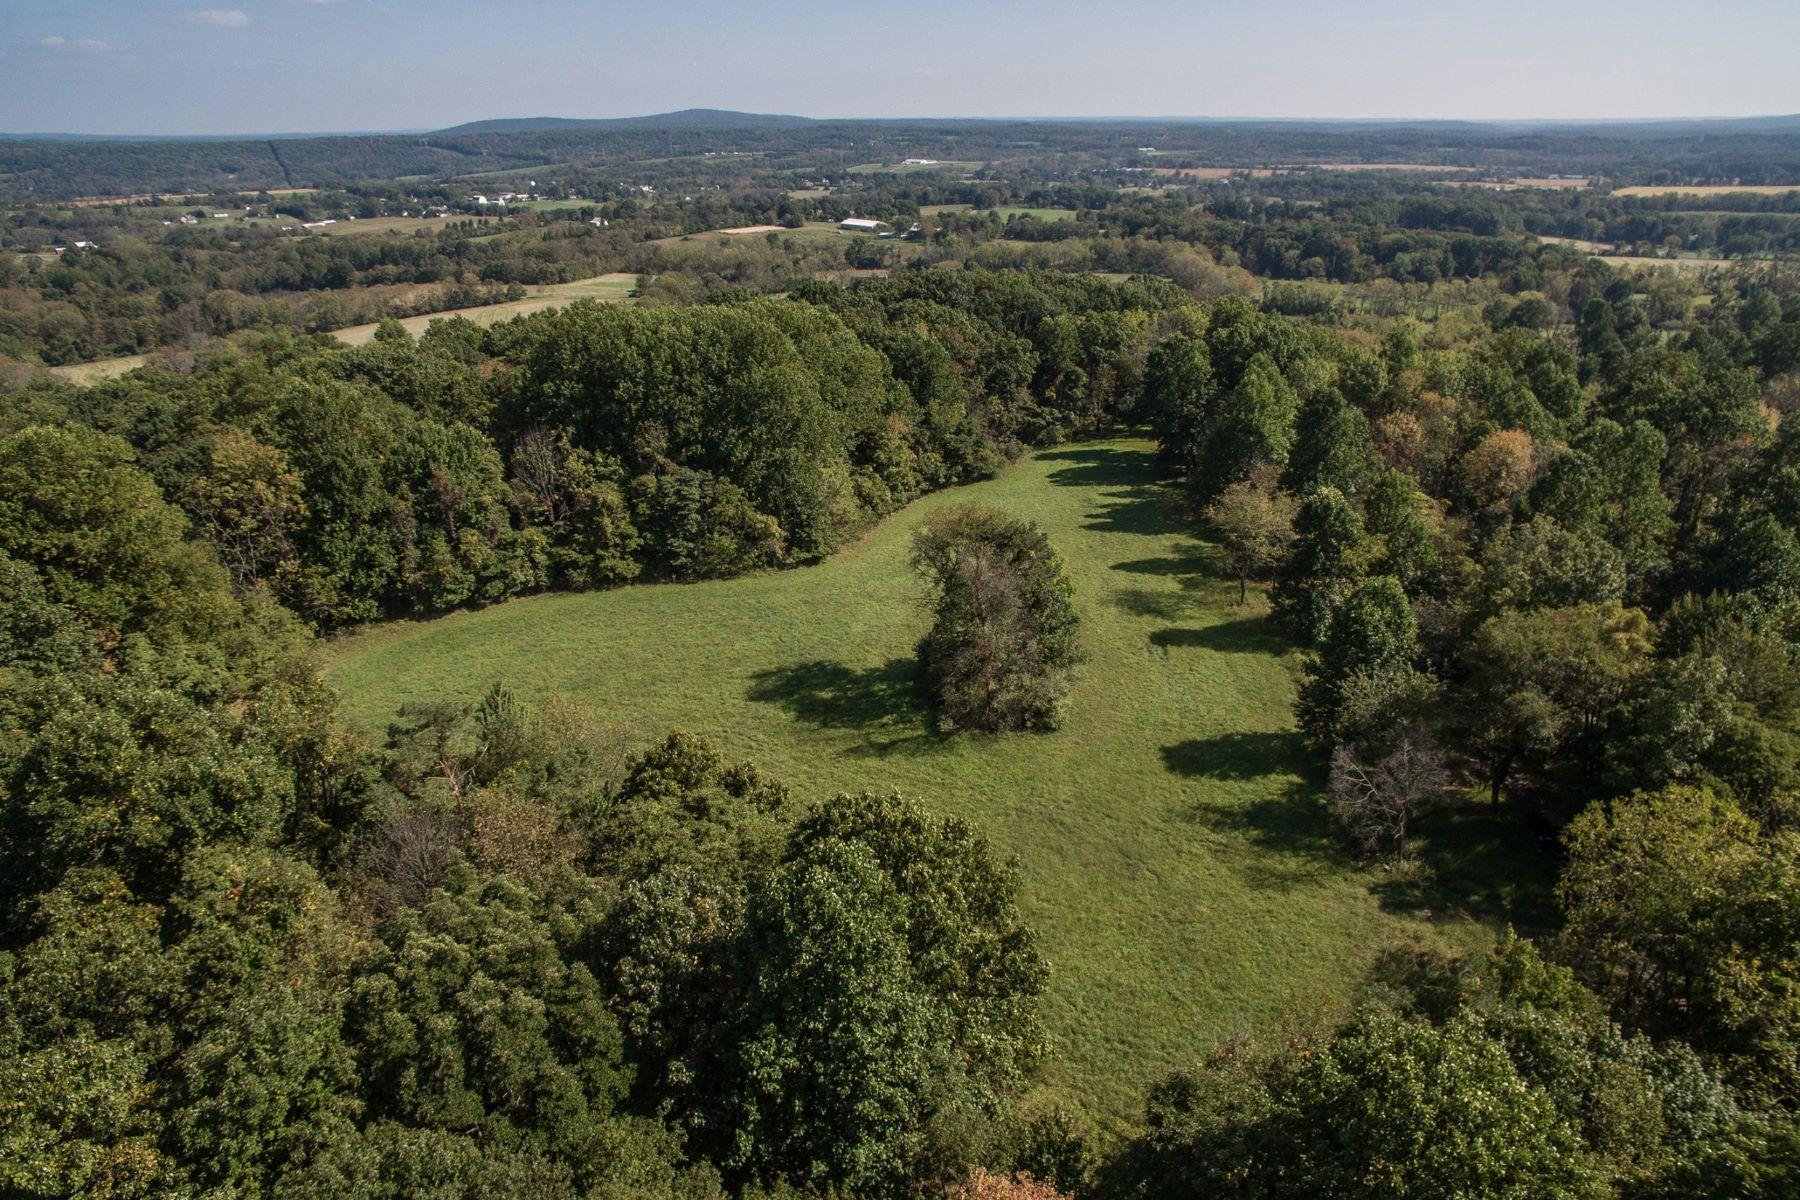 Земля для того Продажа на Lot 1 Deer Trl Rd Coopersburg, Пенсильвания, 18036 Соединенные Штаты